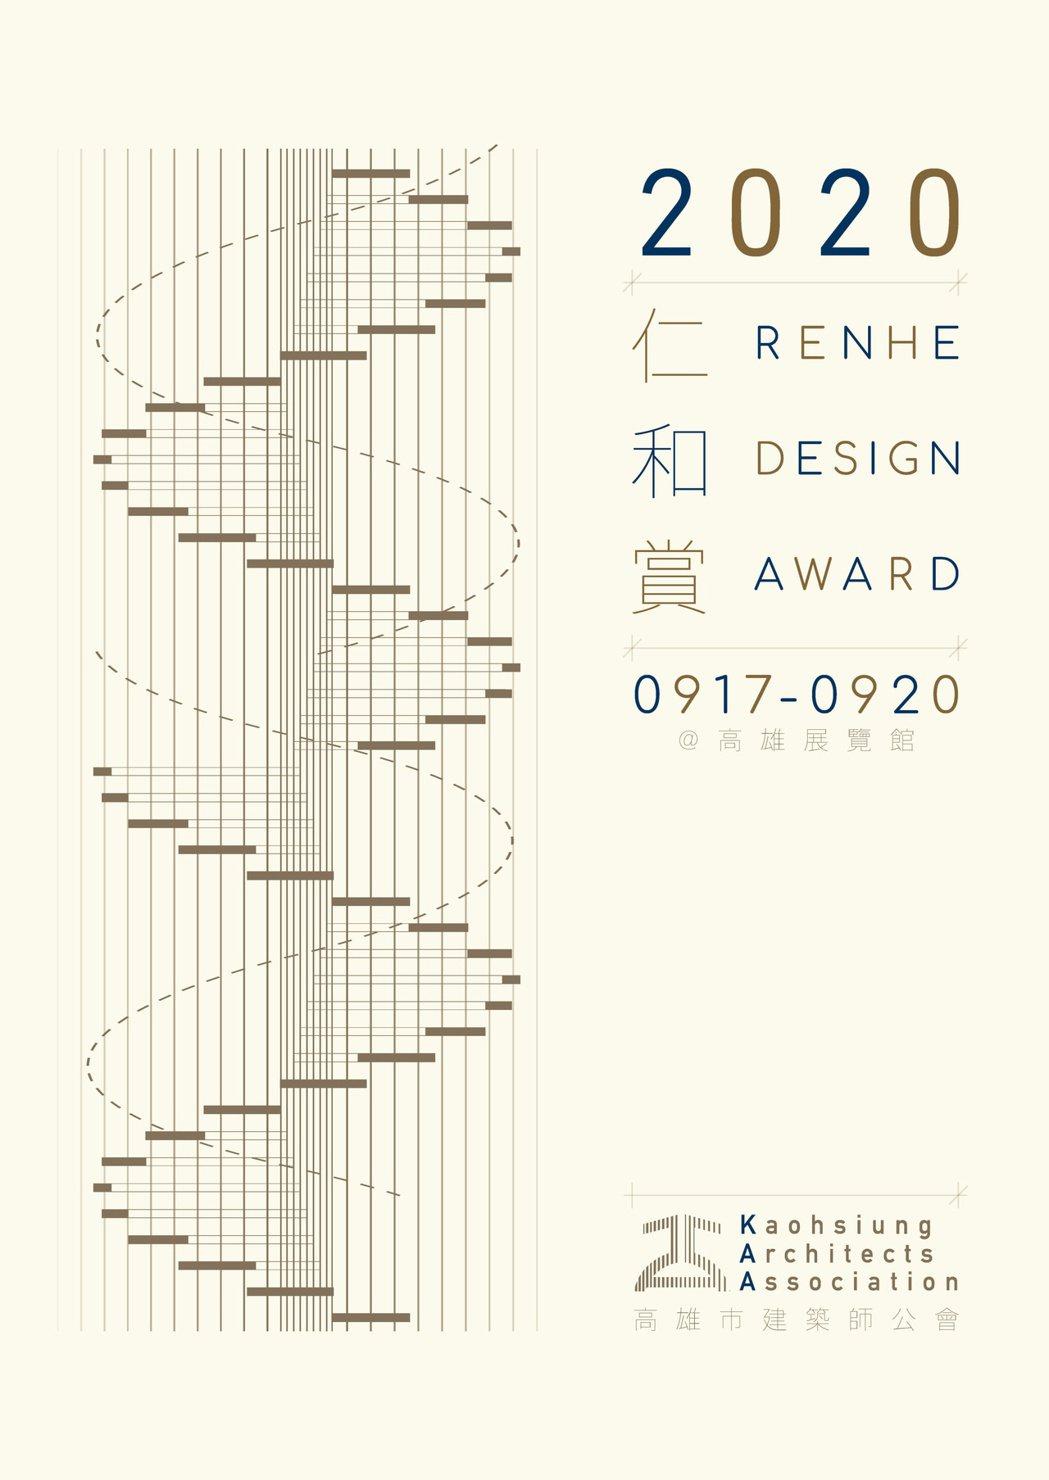 高雄市建築師公會/提供